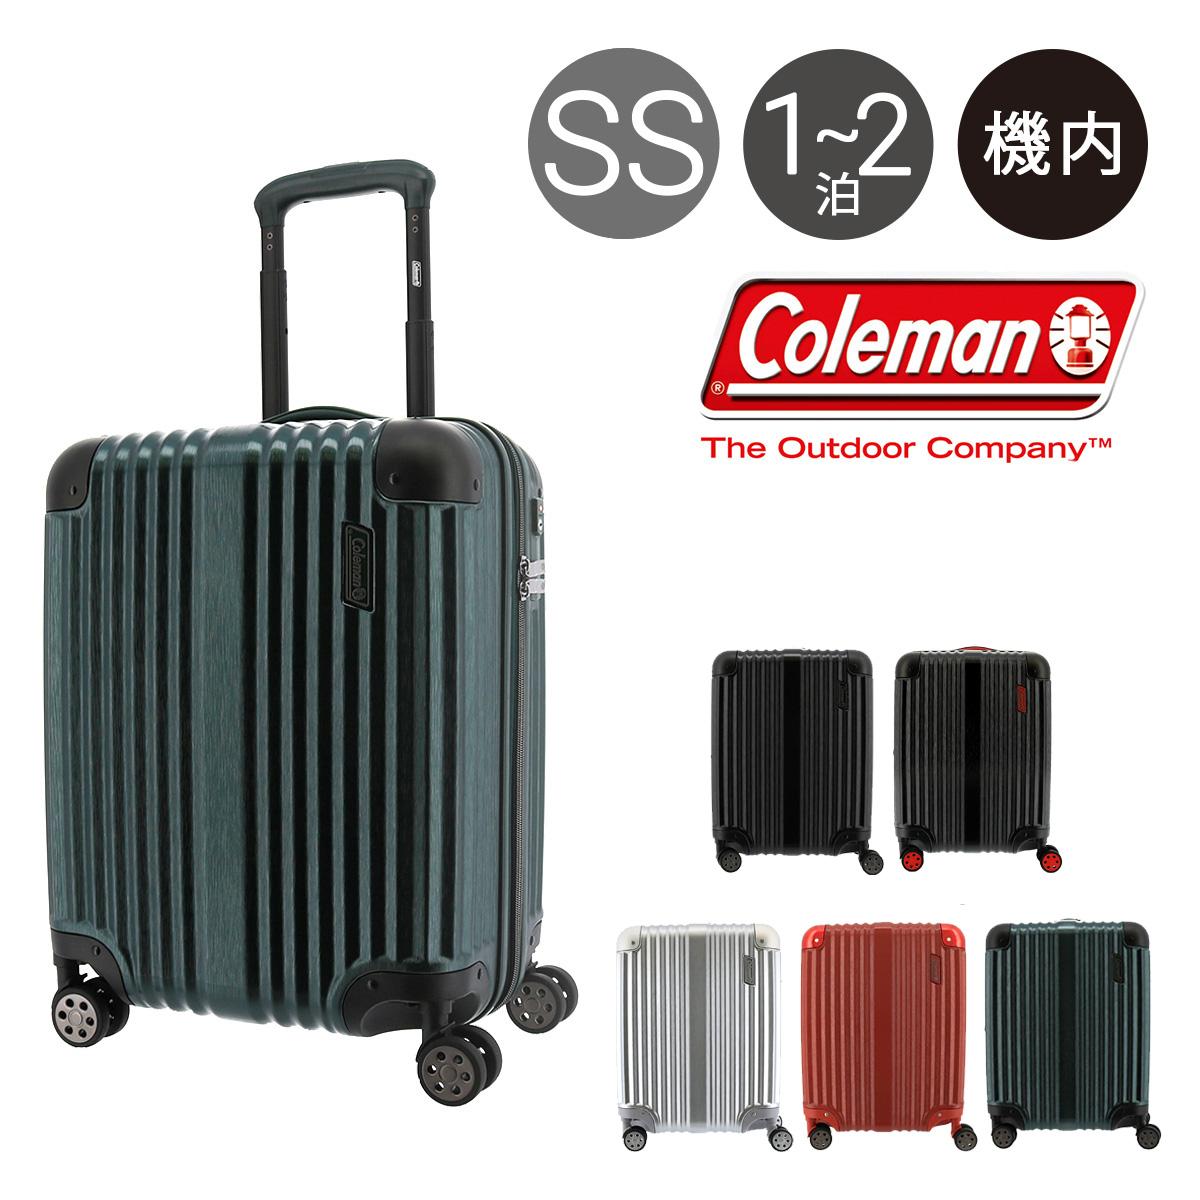 コールマン スーツケース|機内持ち込み 38L/46L 46cm 2.9kg 14-59|拡張 ハード ファスナー TSAロック搭載 キャリーケース [PO10][bef]